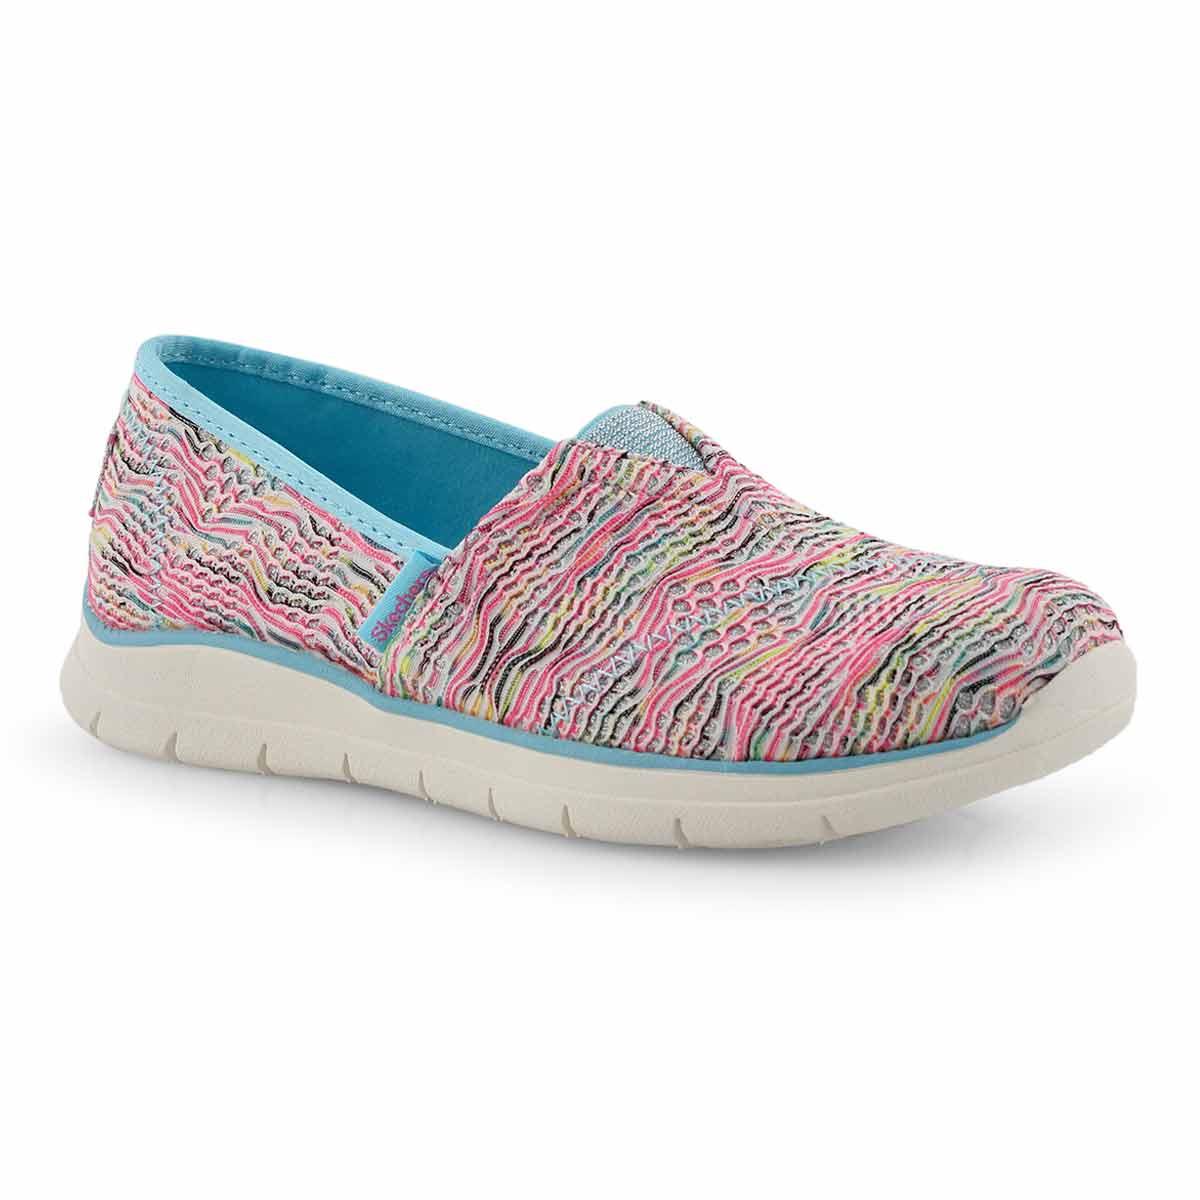 Grls Pureflex 3 turq/mlti slip on shoe